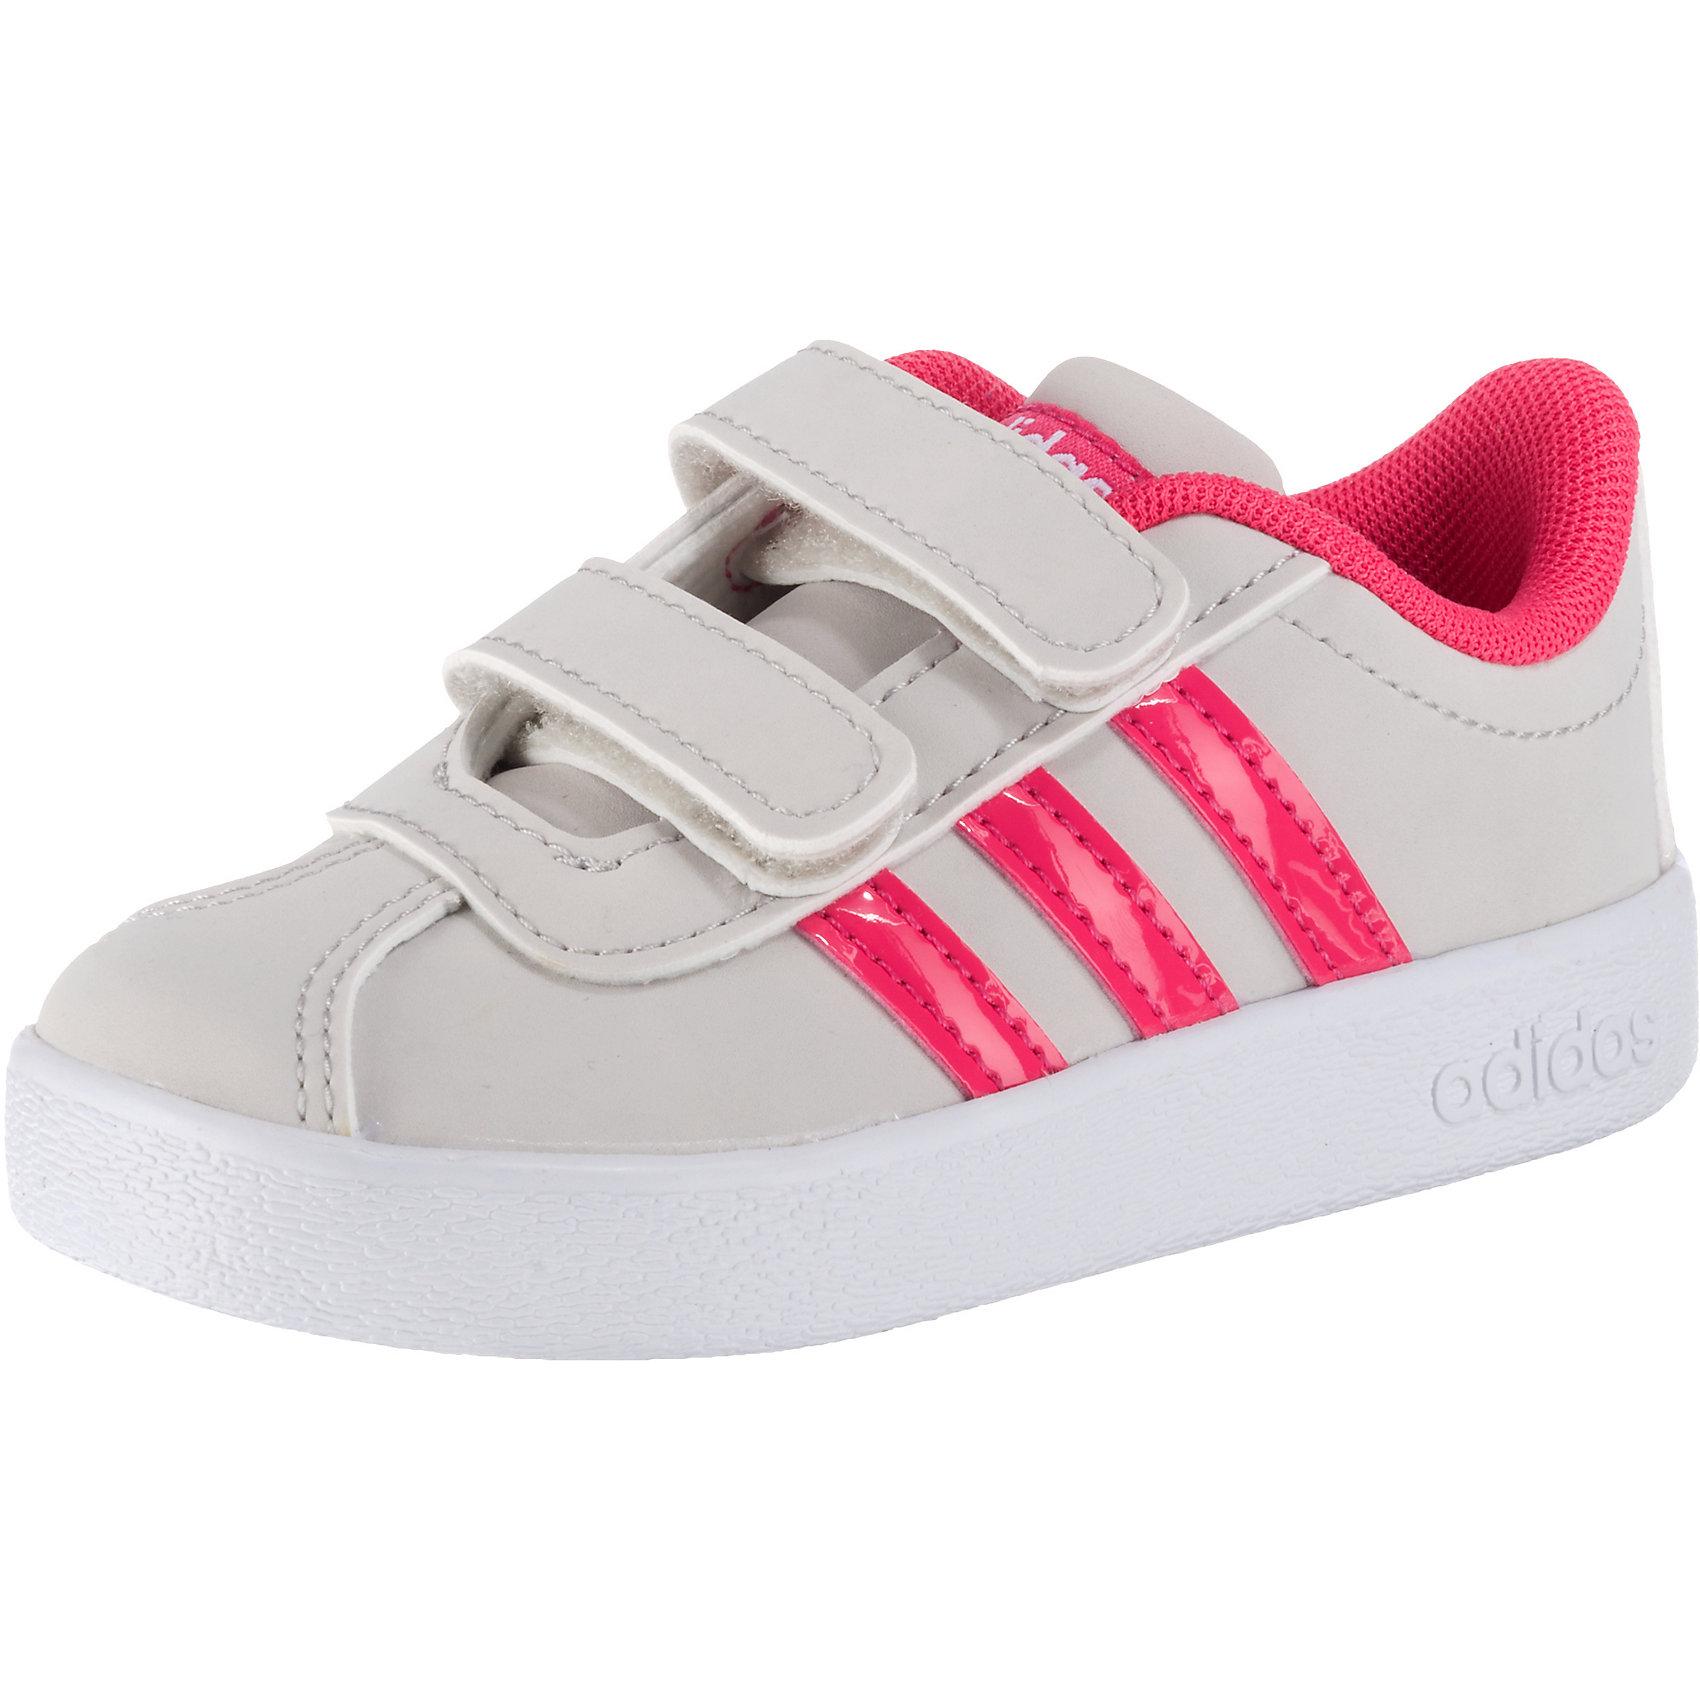 Details zu Neu adidas Performance Baby Sneakers VL COURT 2.0 CMF I für Mädchen 7213610